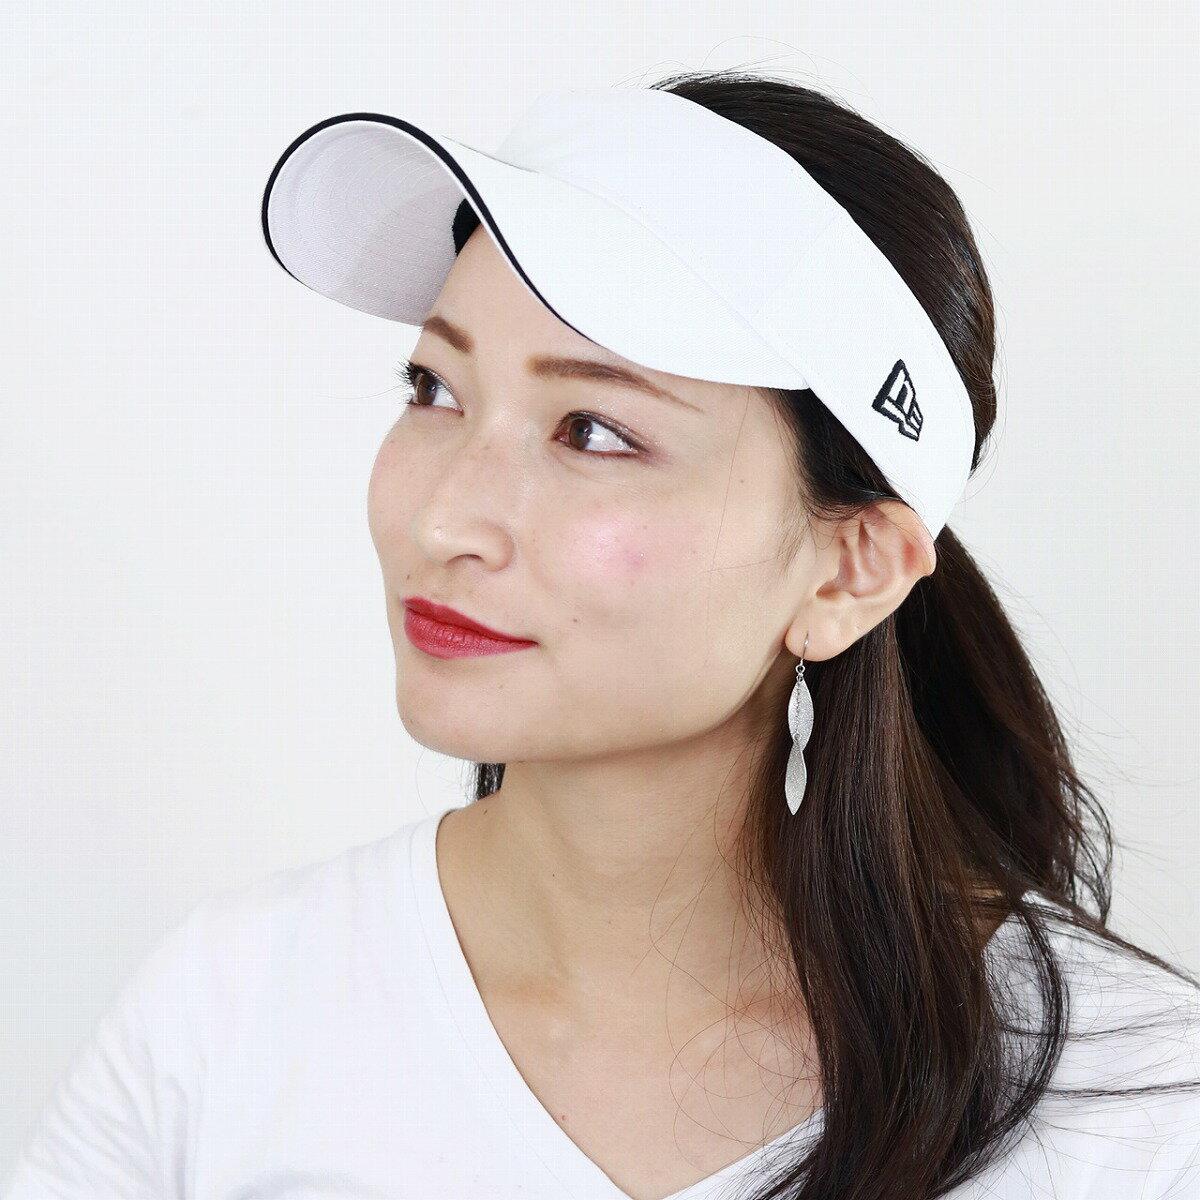 サンバイザー ニューエラ 日よけ オールシーズン 紫外線対策 NEWERA 帽子 レディース フリーサイズ スポーツ newera バイザー メンズ サイズ調整可 UV対策 小物 ユニセックス / 白 ホワイト[ visor ]